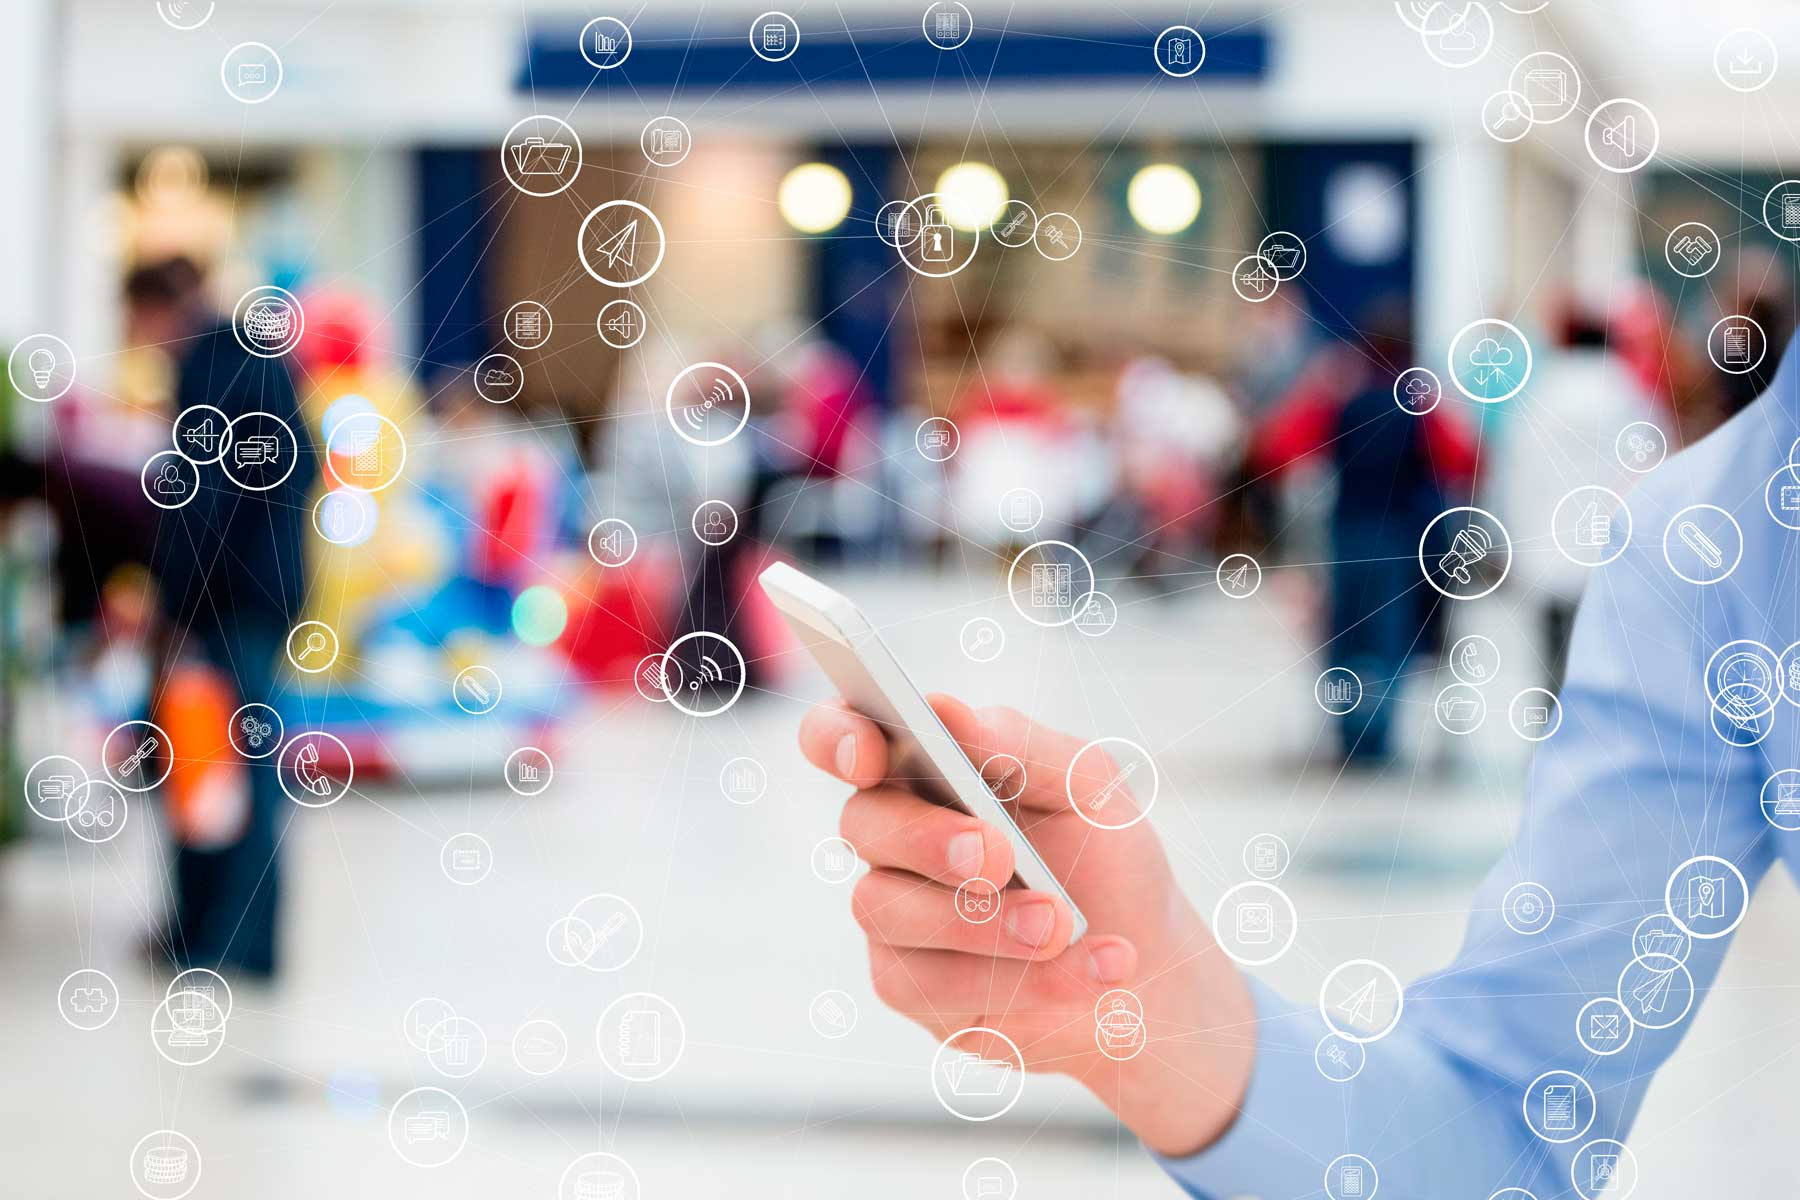 Tecnologia exponencial: o que é e quais as principais tendências